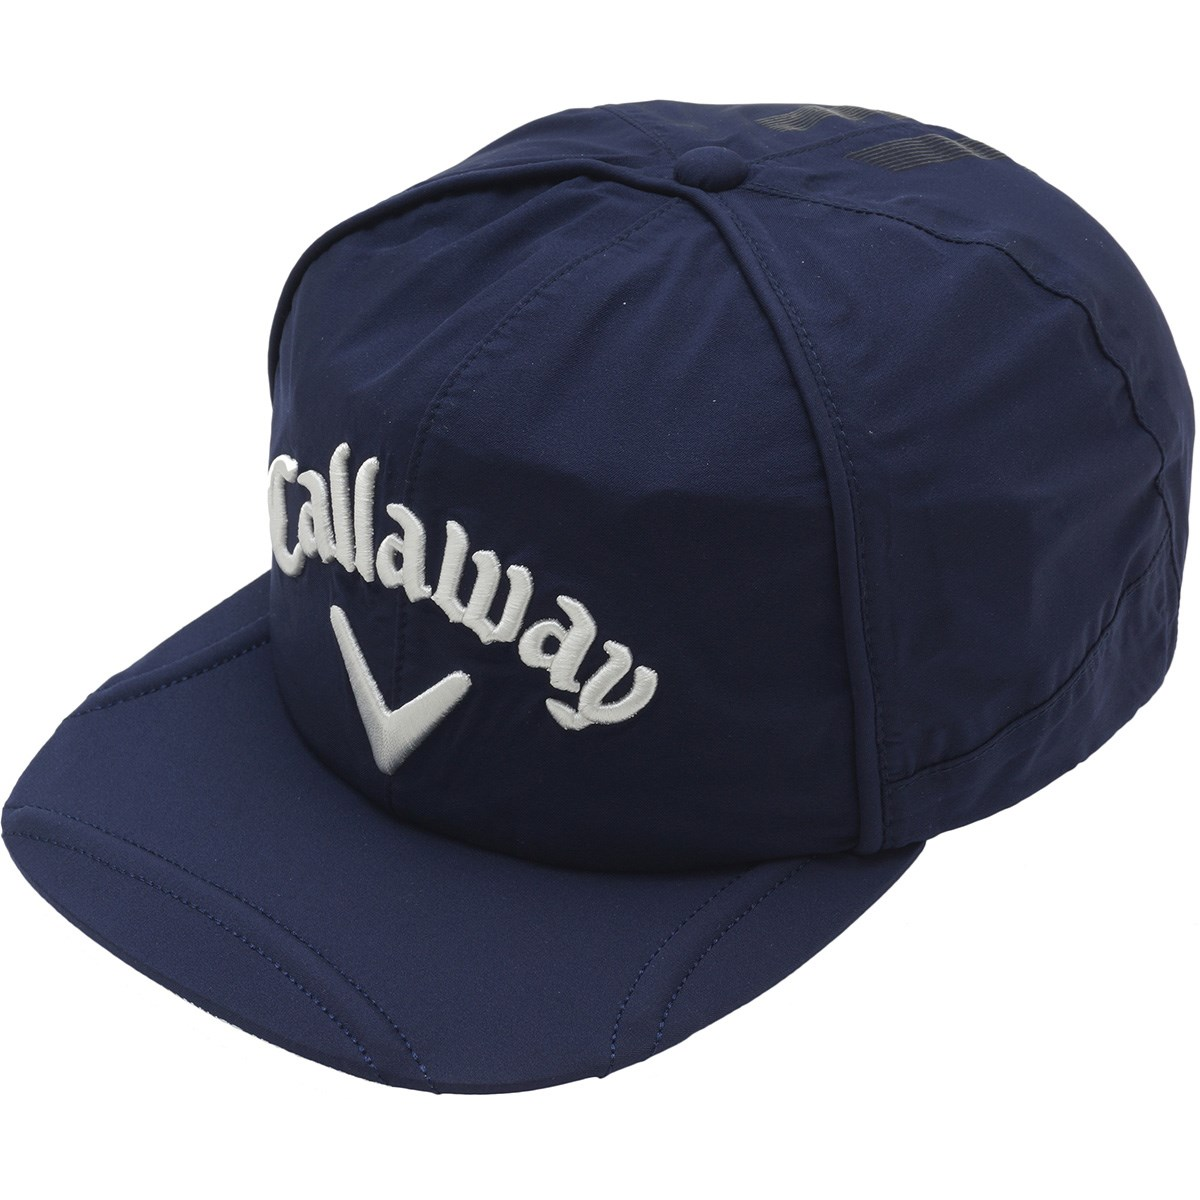 キャロウェイゴルフ Callaway Golf ストレッチ 平つばレインキャップ フリー ネイビー 120